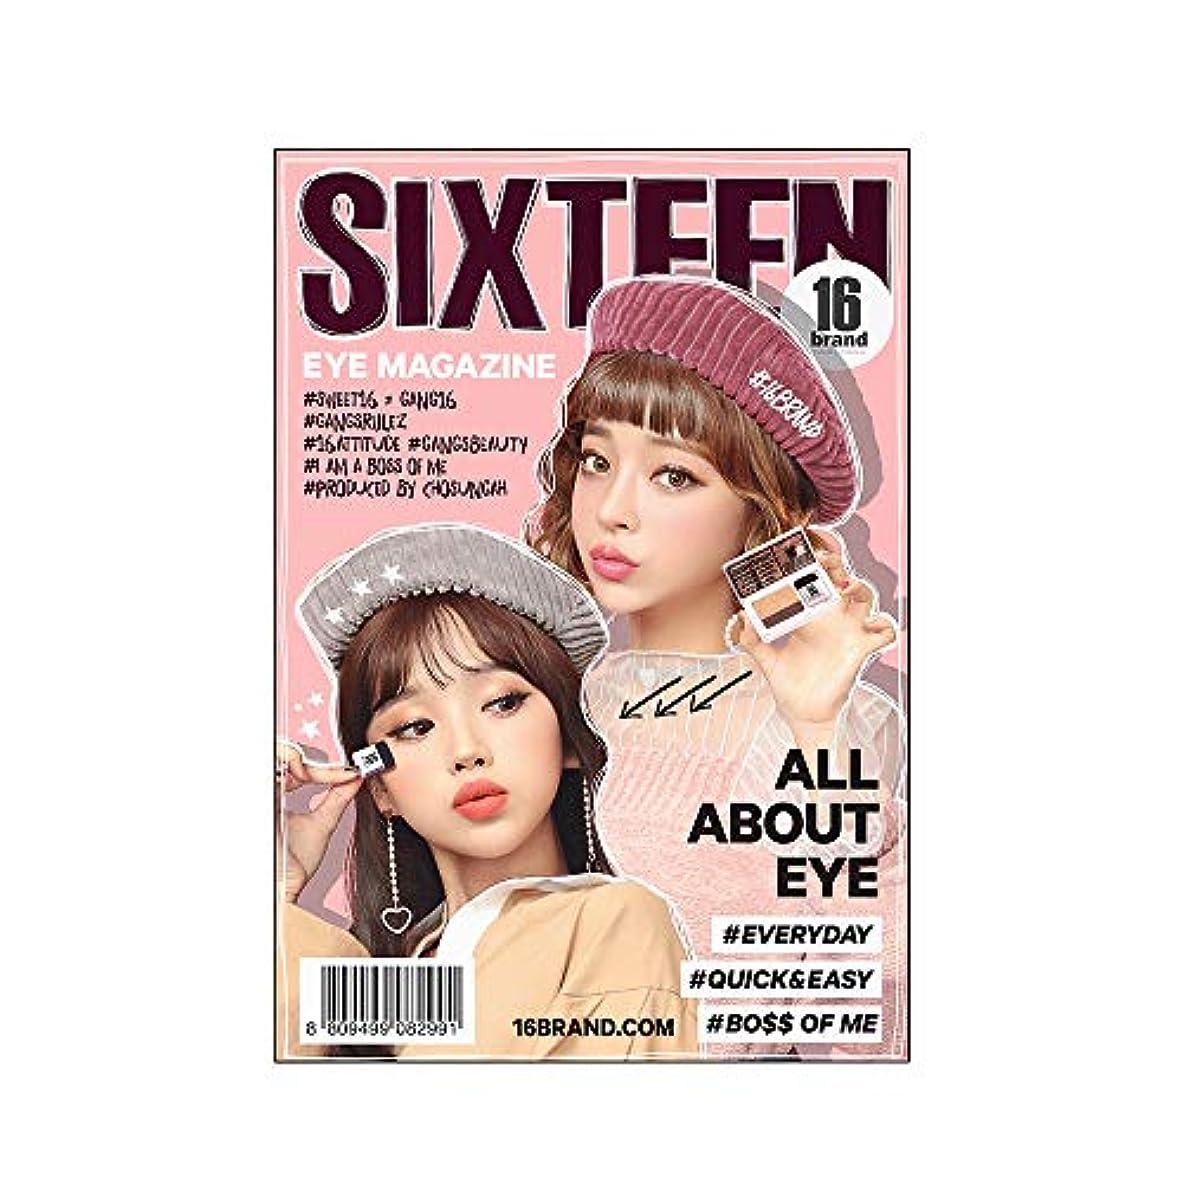 クラッシュ稚魚大気16brand 16 Eye Magazine 2g /16ブランド 16 アイマガジン 2g [国内正規品](エブリディ)